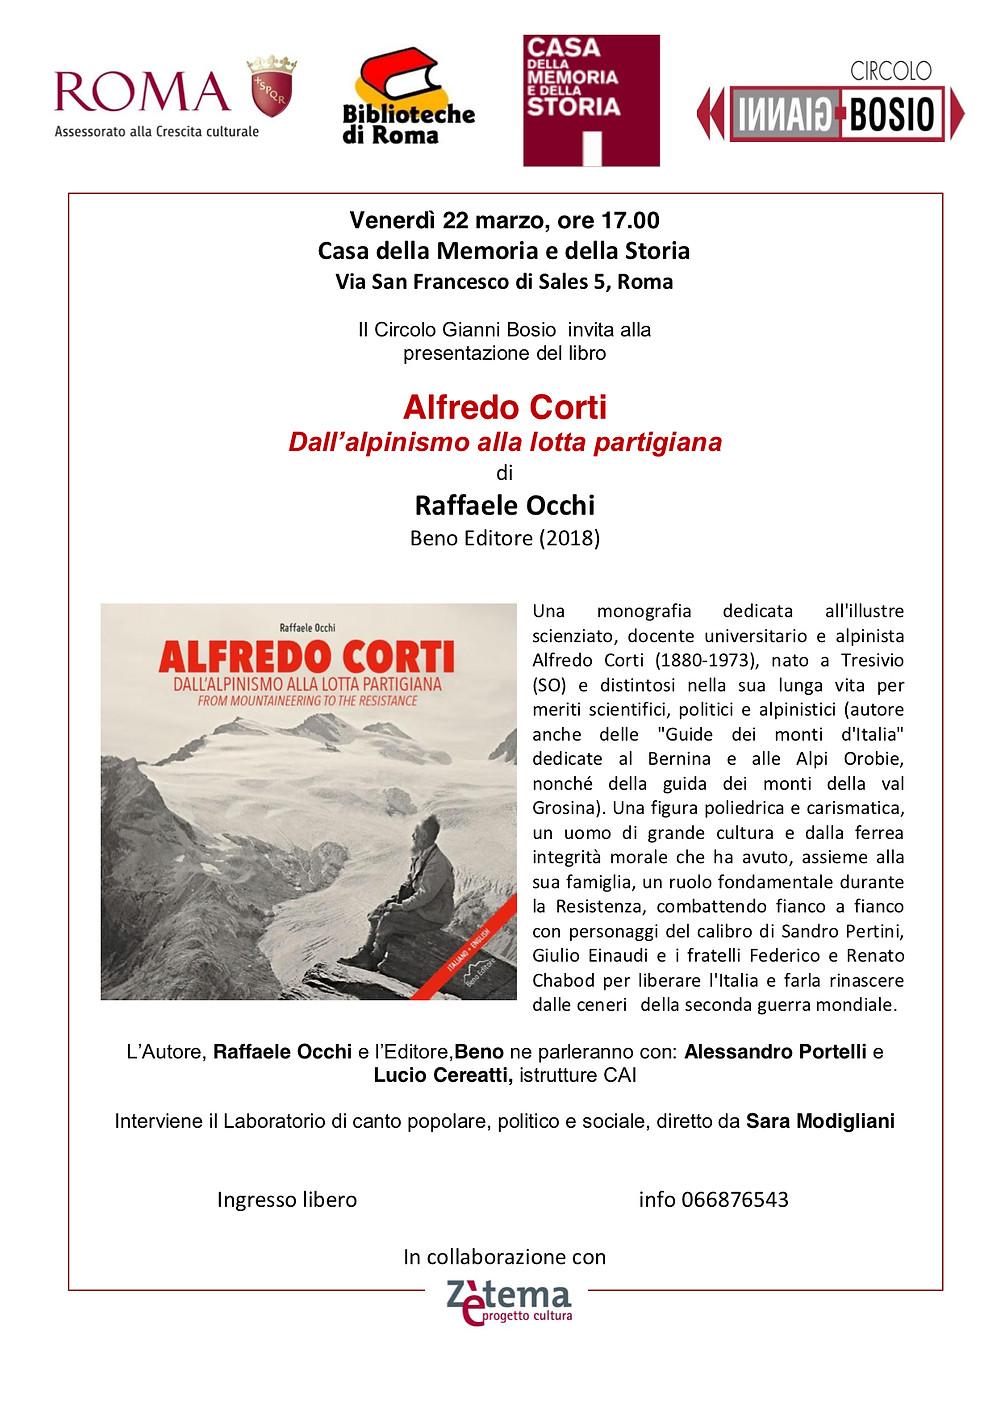 invito presentazione Alfredo Corti a Roma